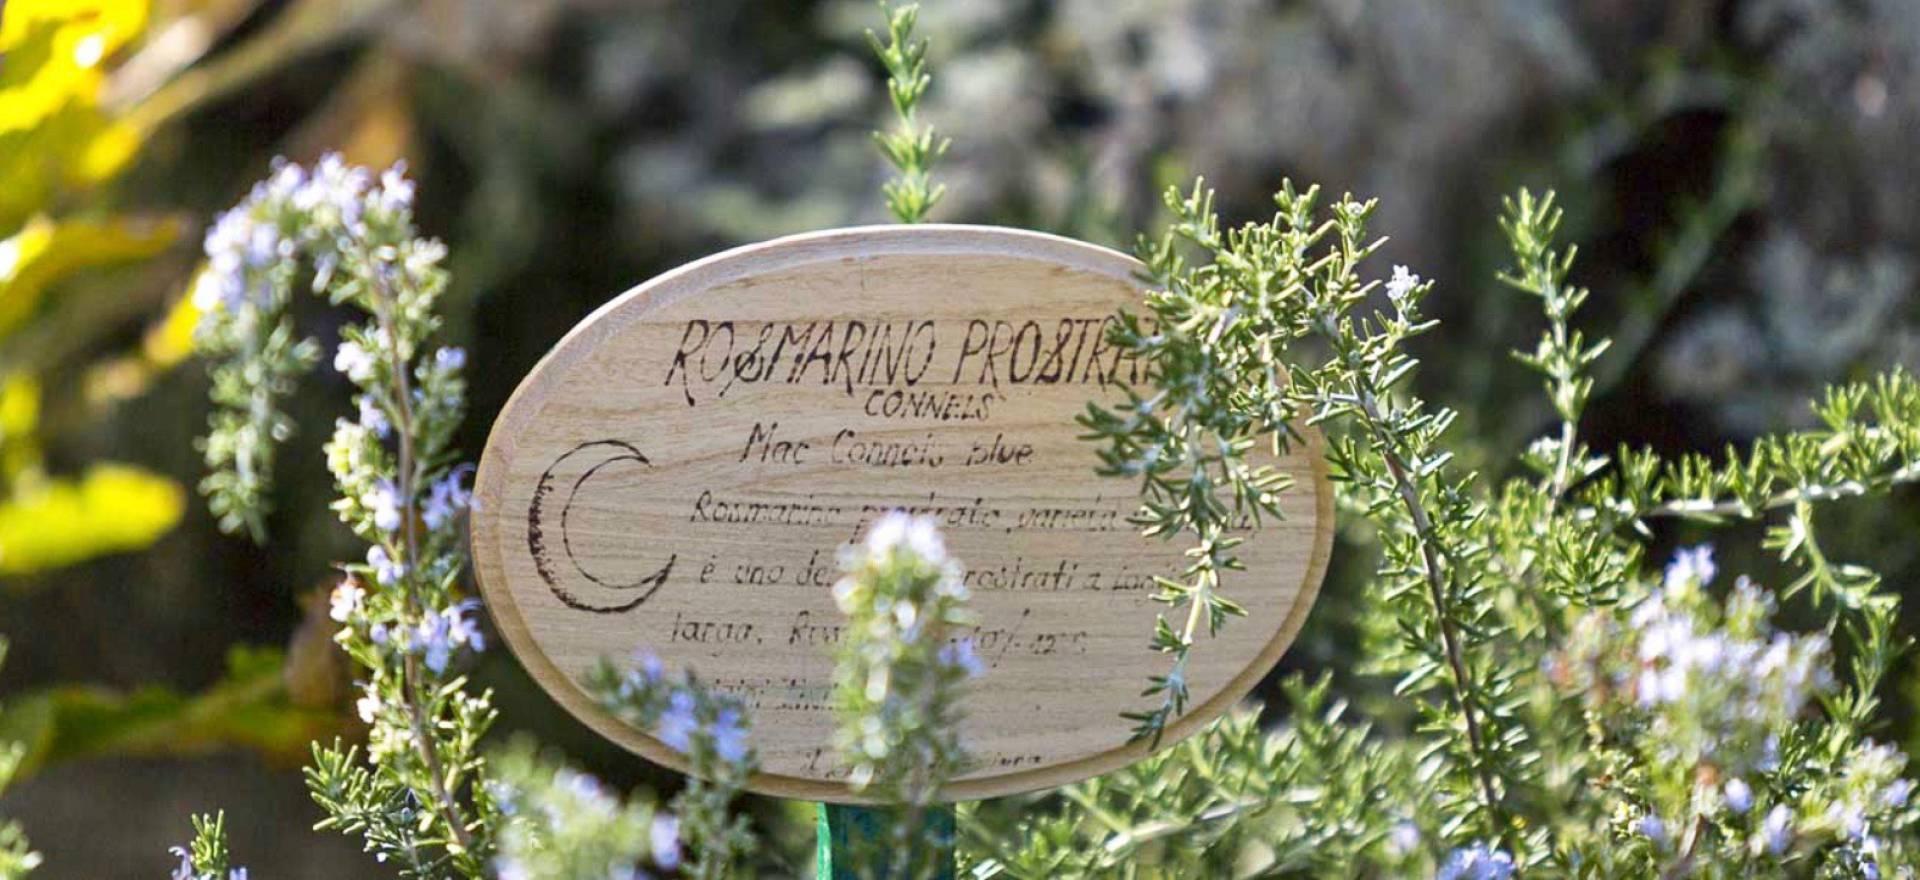 Agriturismo Marche Agriturismo romantico nelle Marche con ristorante